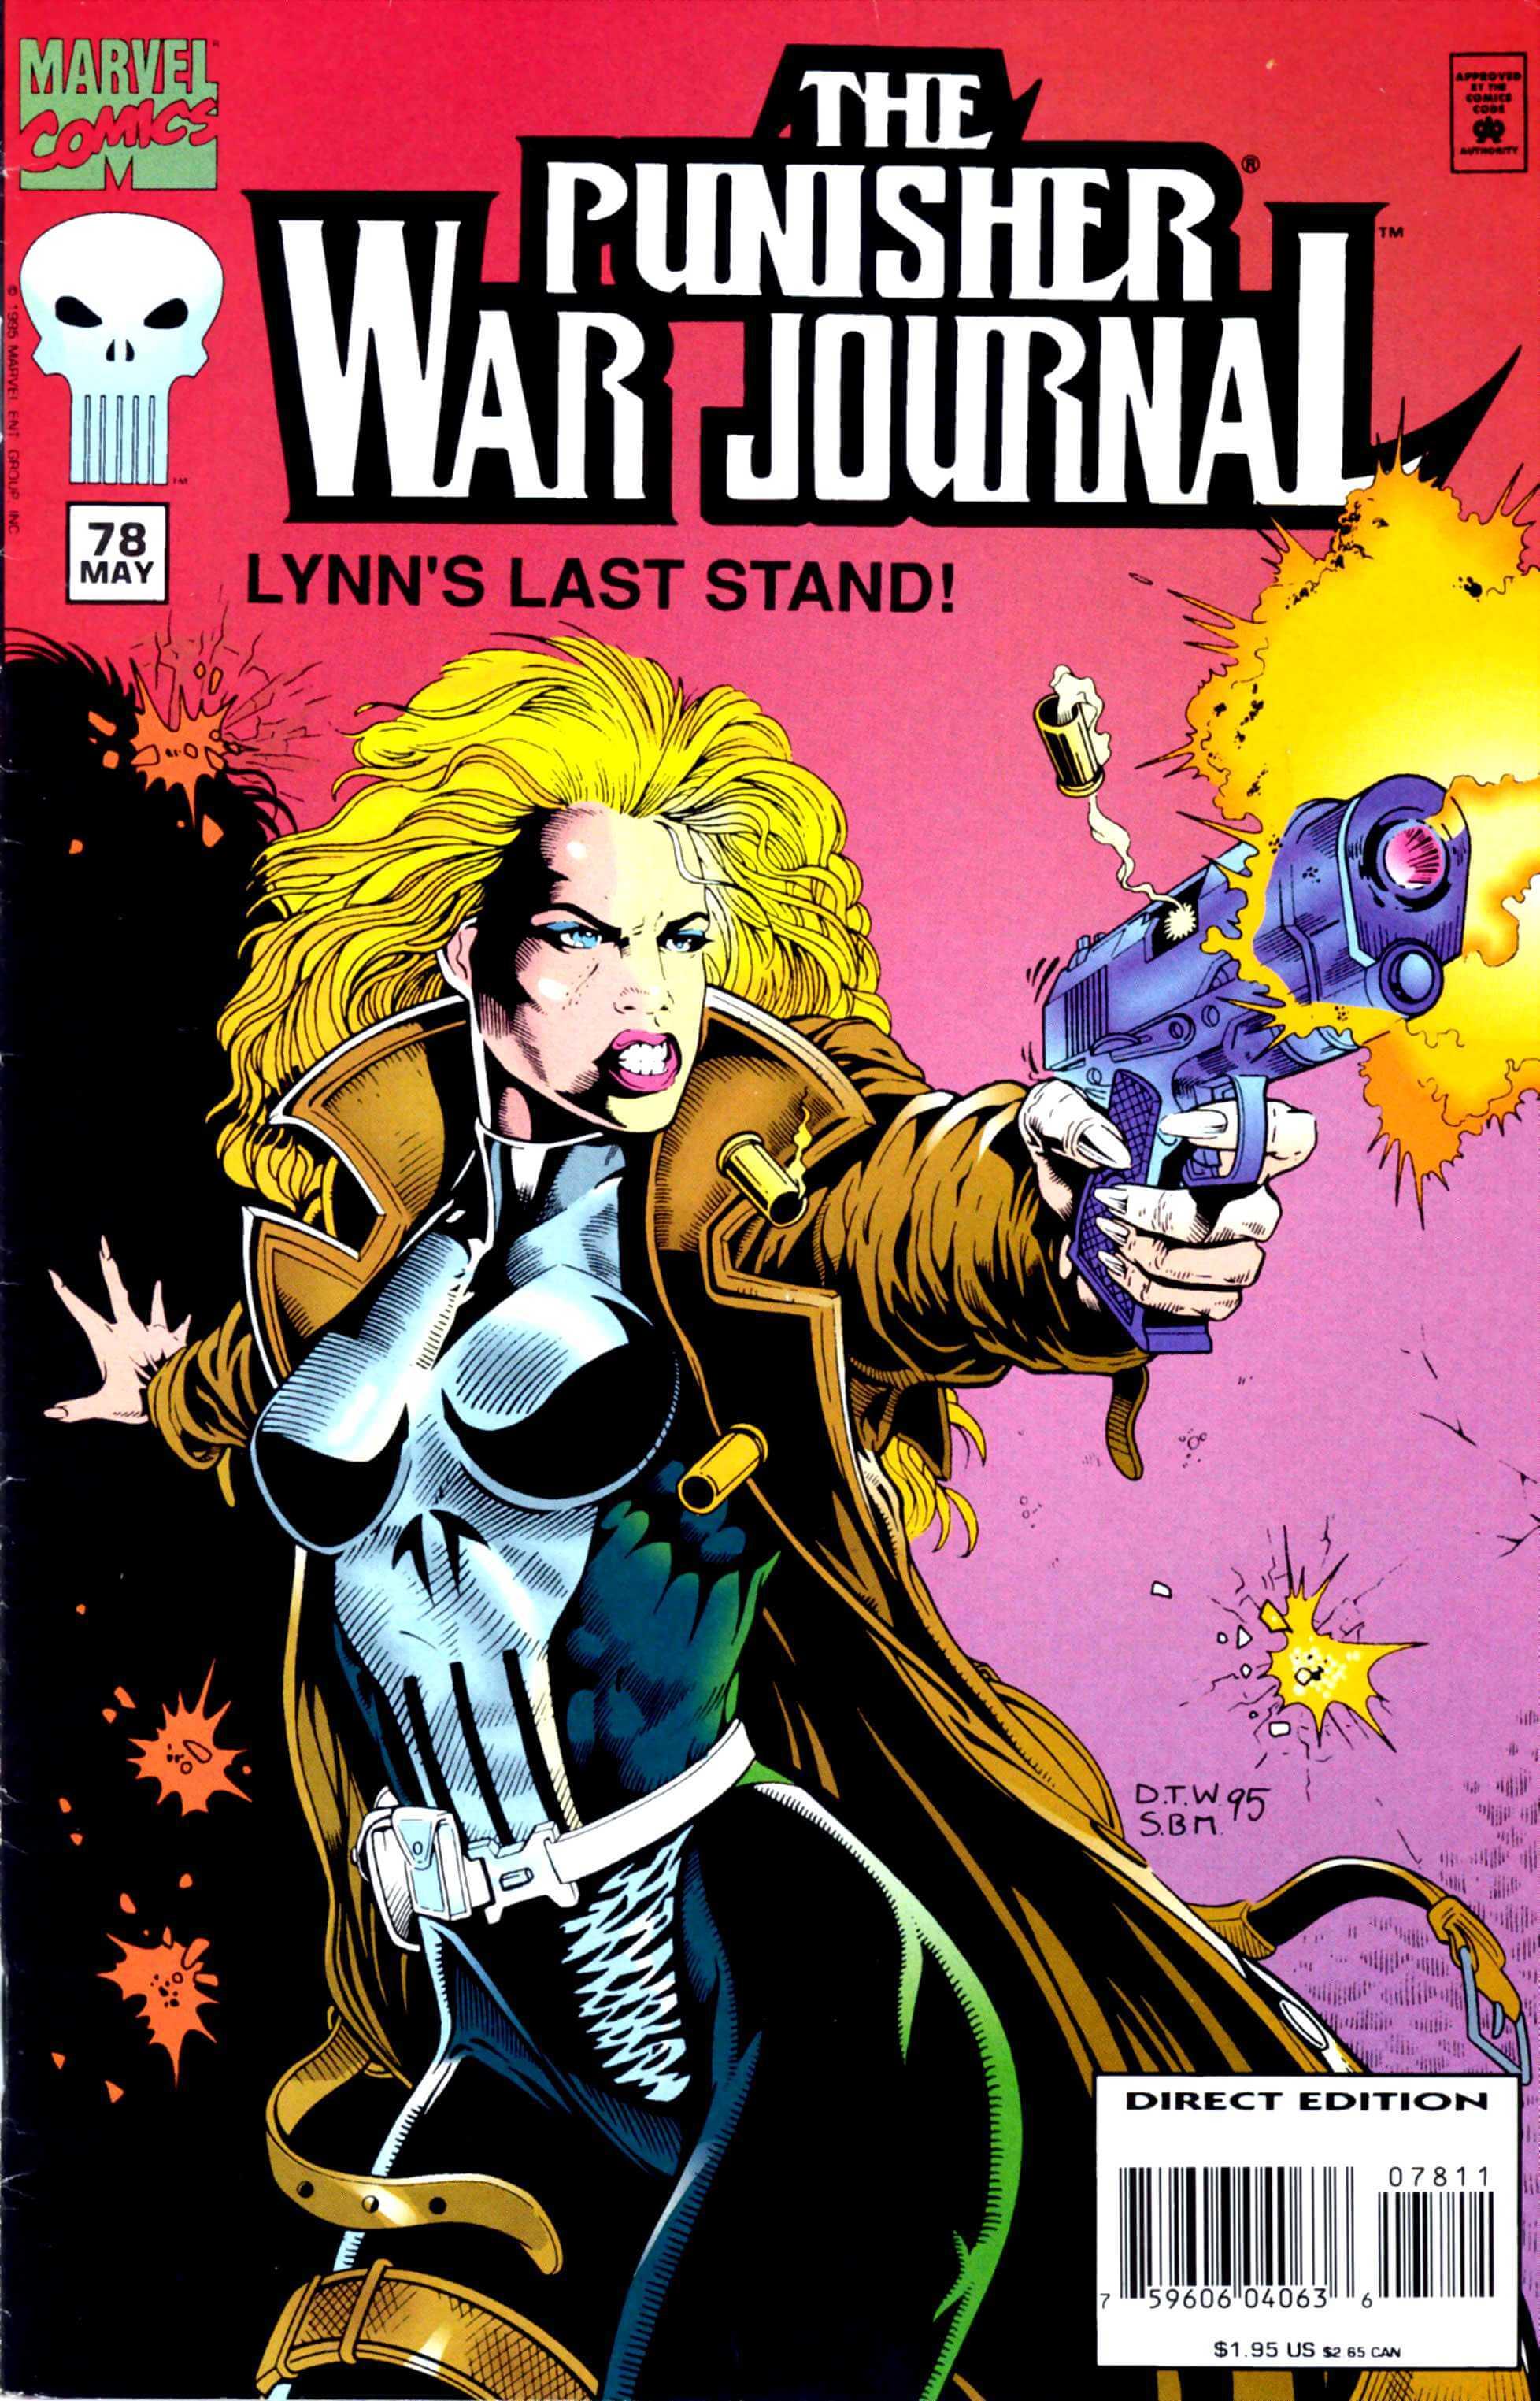 Punisher War Journal Vol 1 #78